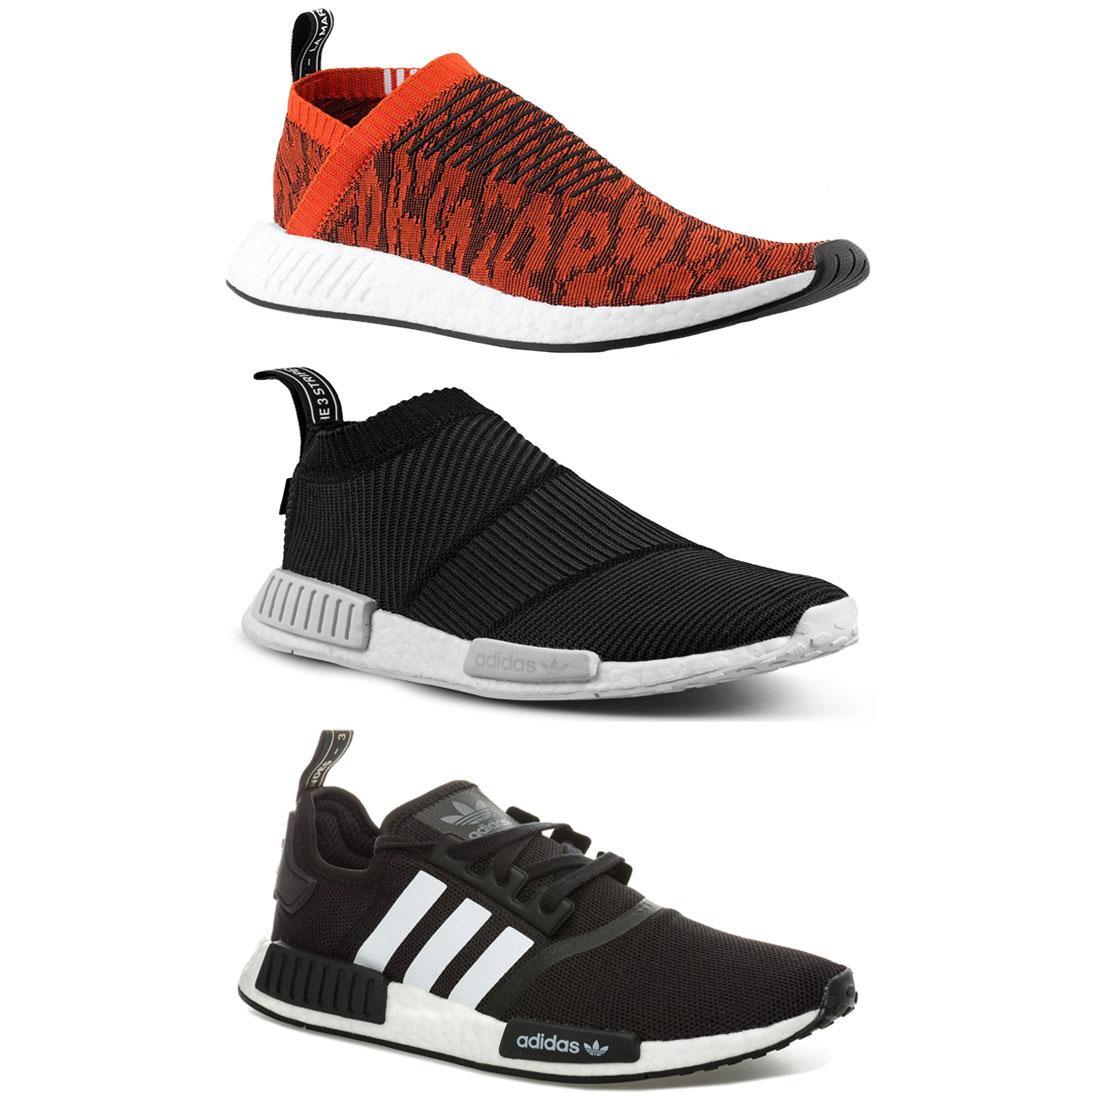 Details zu Adidas Original Nmd R1 CS1 CS2 Turnschuhe Primeknit Herren Sports Sportschuhe